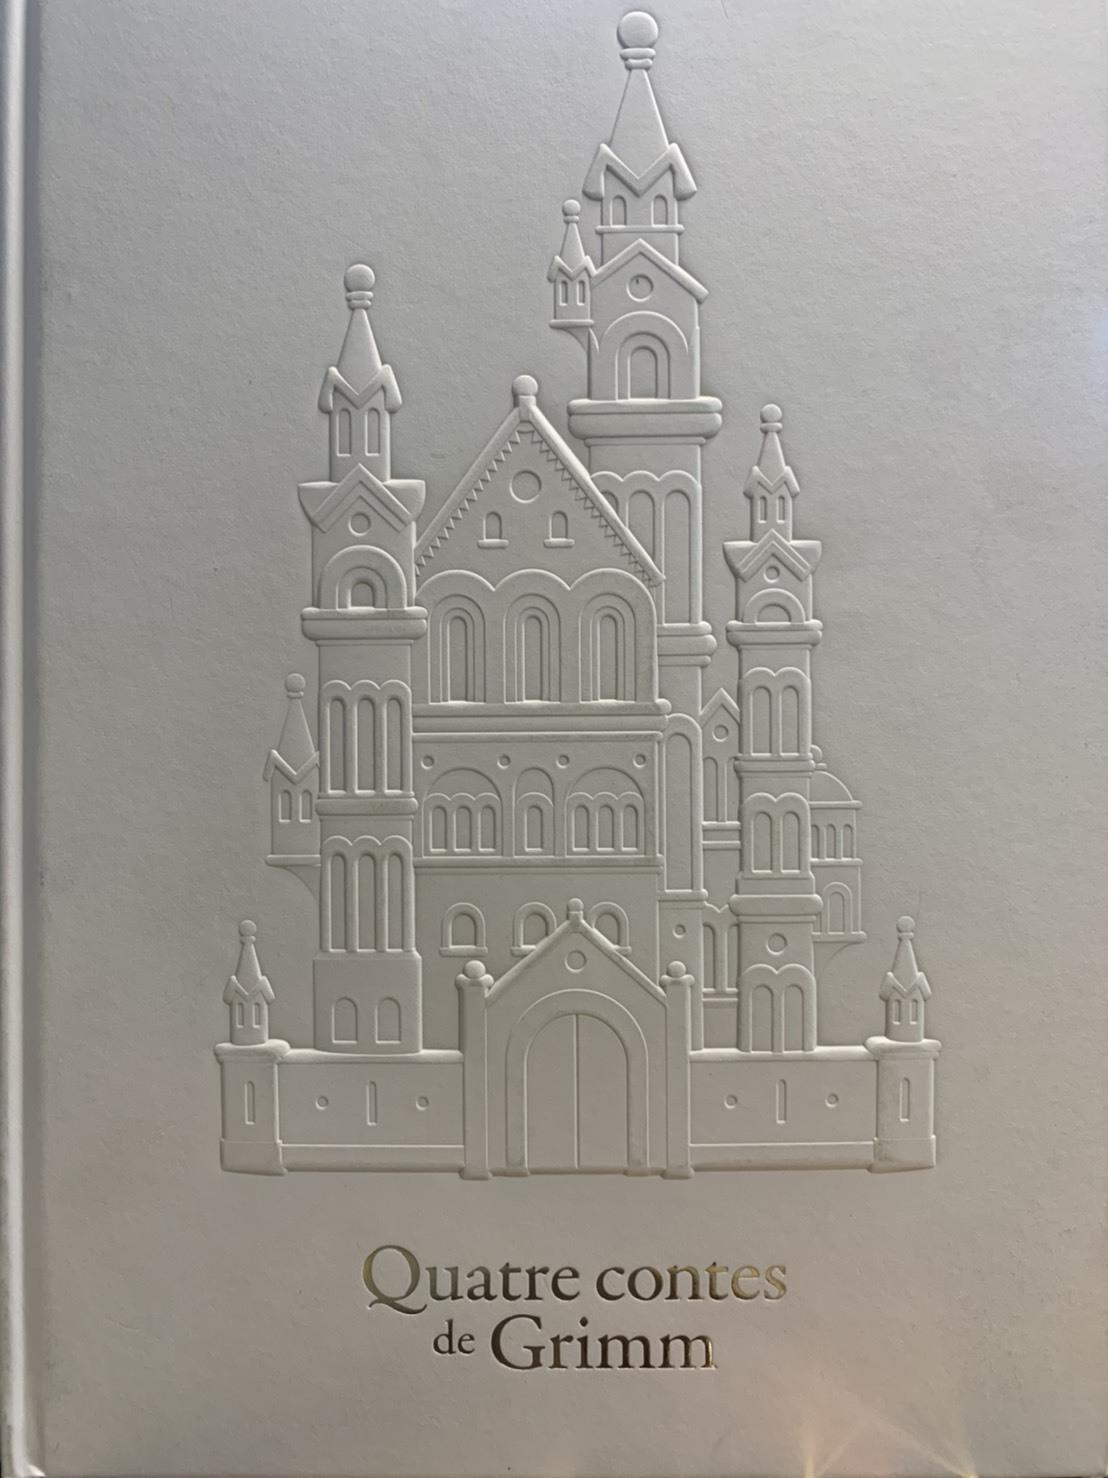 Quatre Contes de Grimm - van cleef & arpels 2018年カタログ